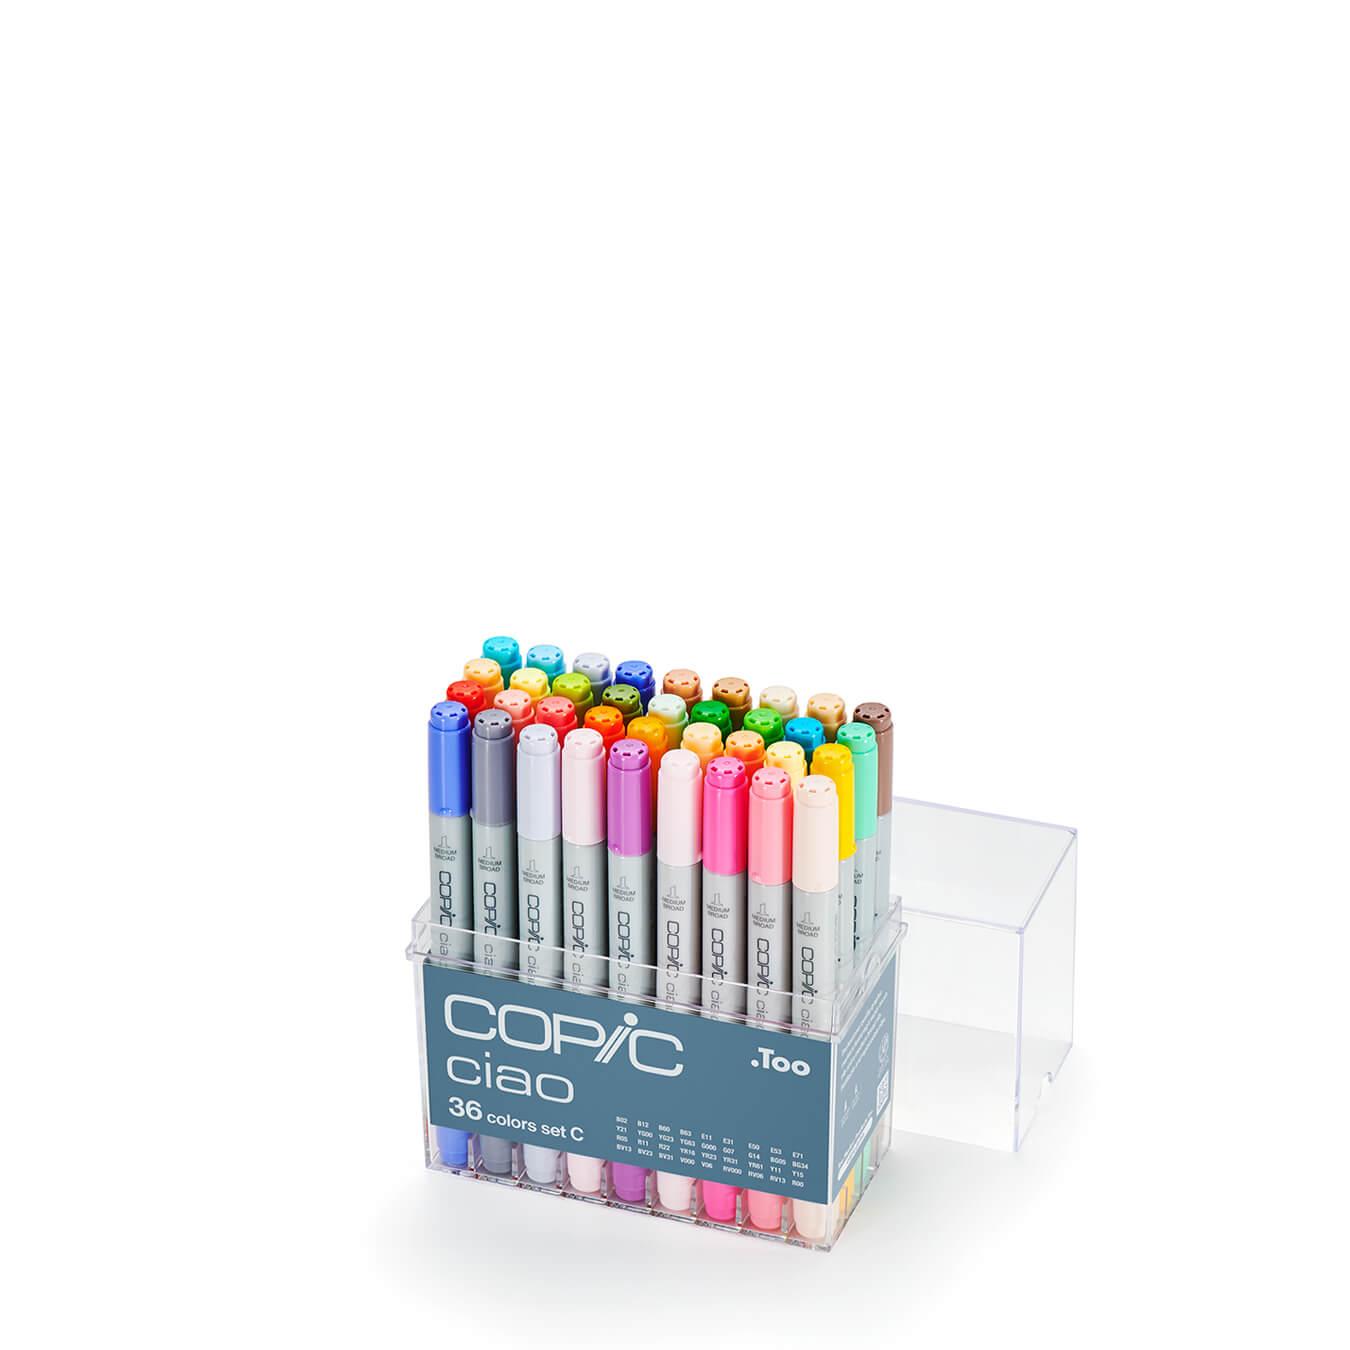 Copic Ciao 36 colors set C